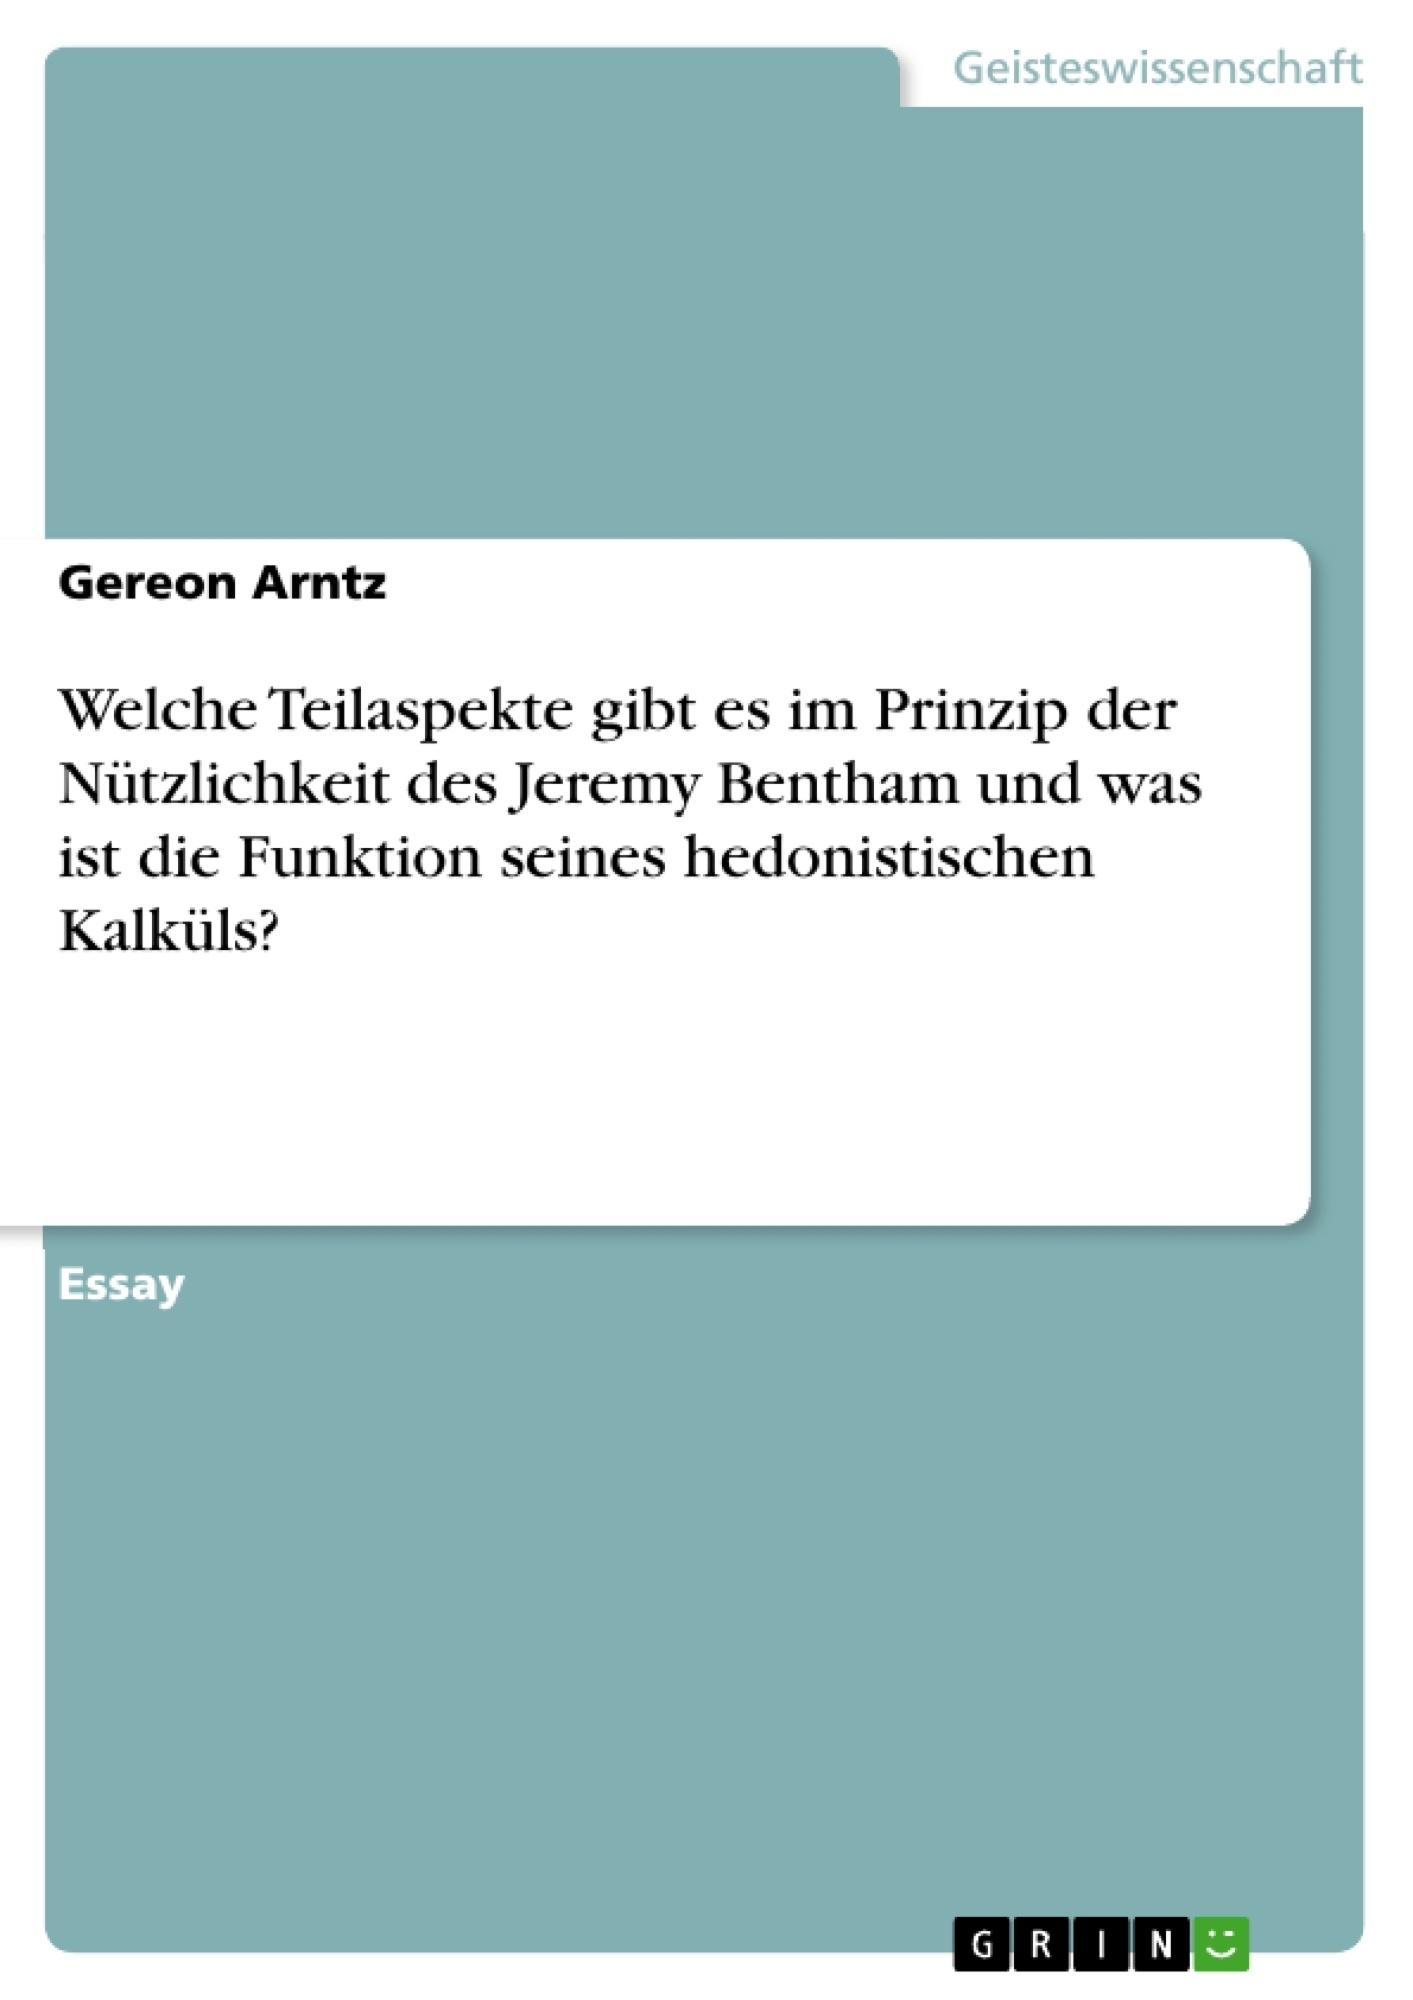 Titel: Welche Teilaspekte gibt es im Prinzip der Nützlichkeit des Jeremy Bentham und was ist die Funktion seines hedonistischen Kalküls?